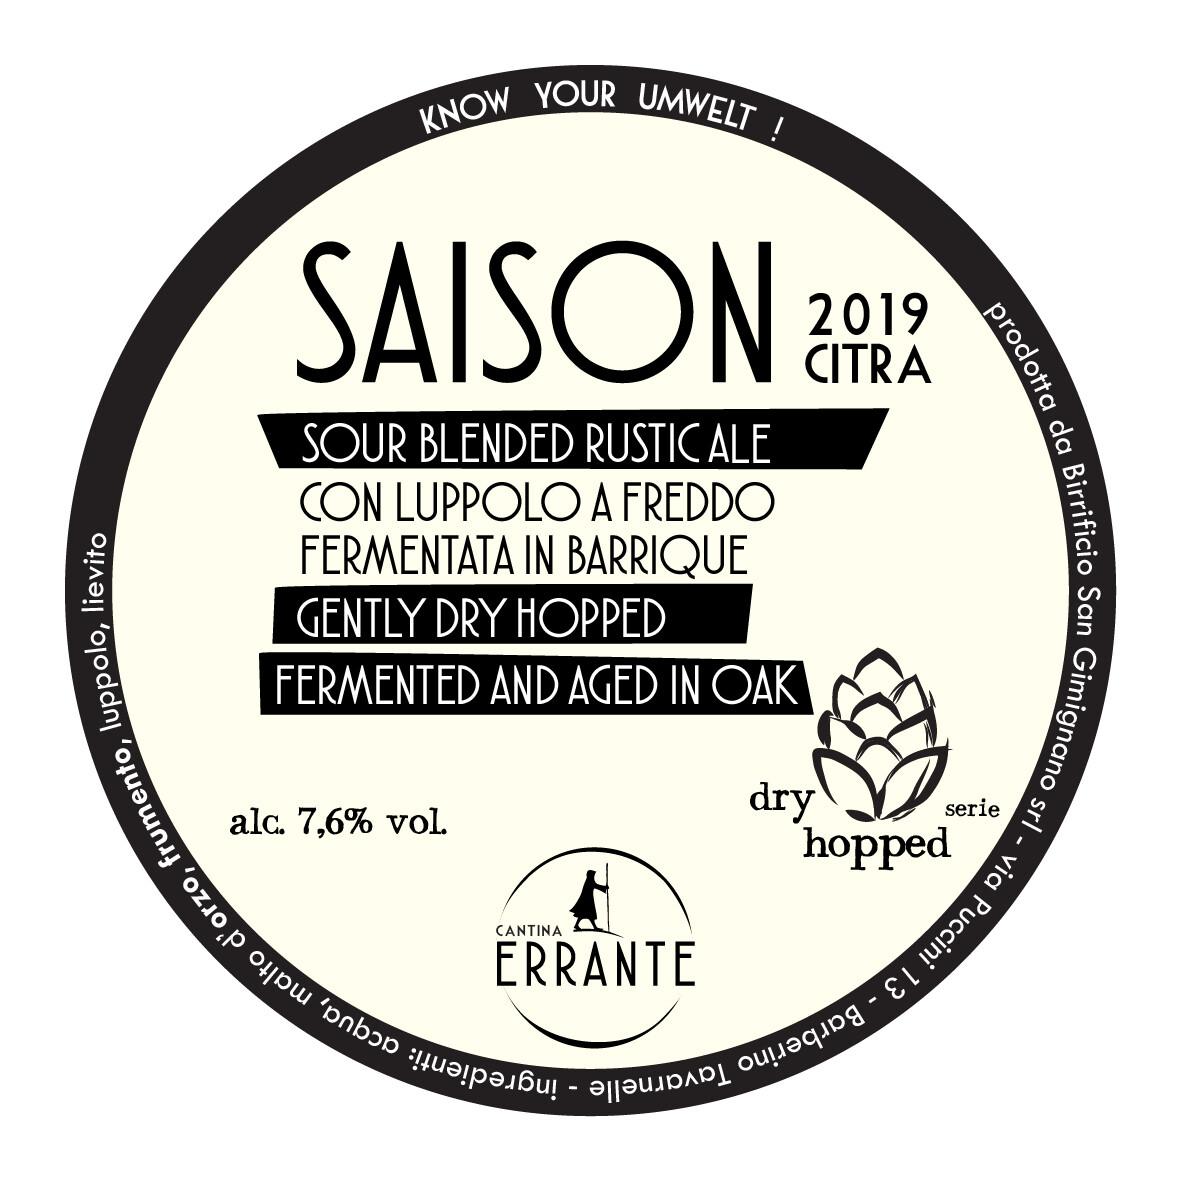 SAISON SOUR BLENDED '19 - DRY HOPPED CITRA